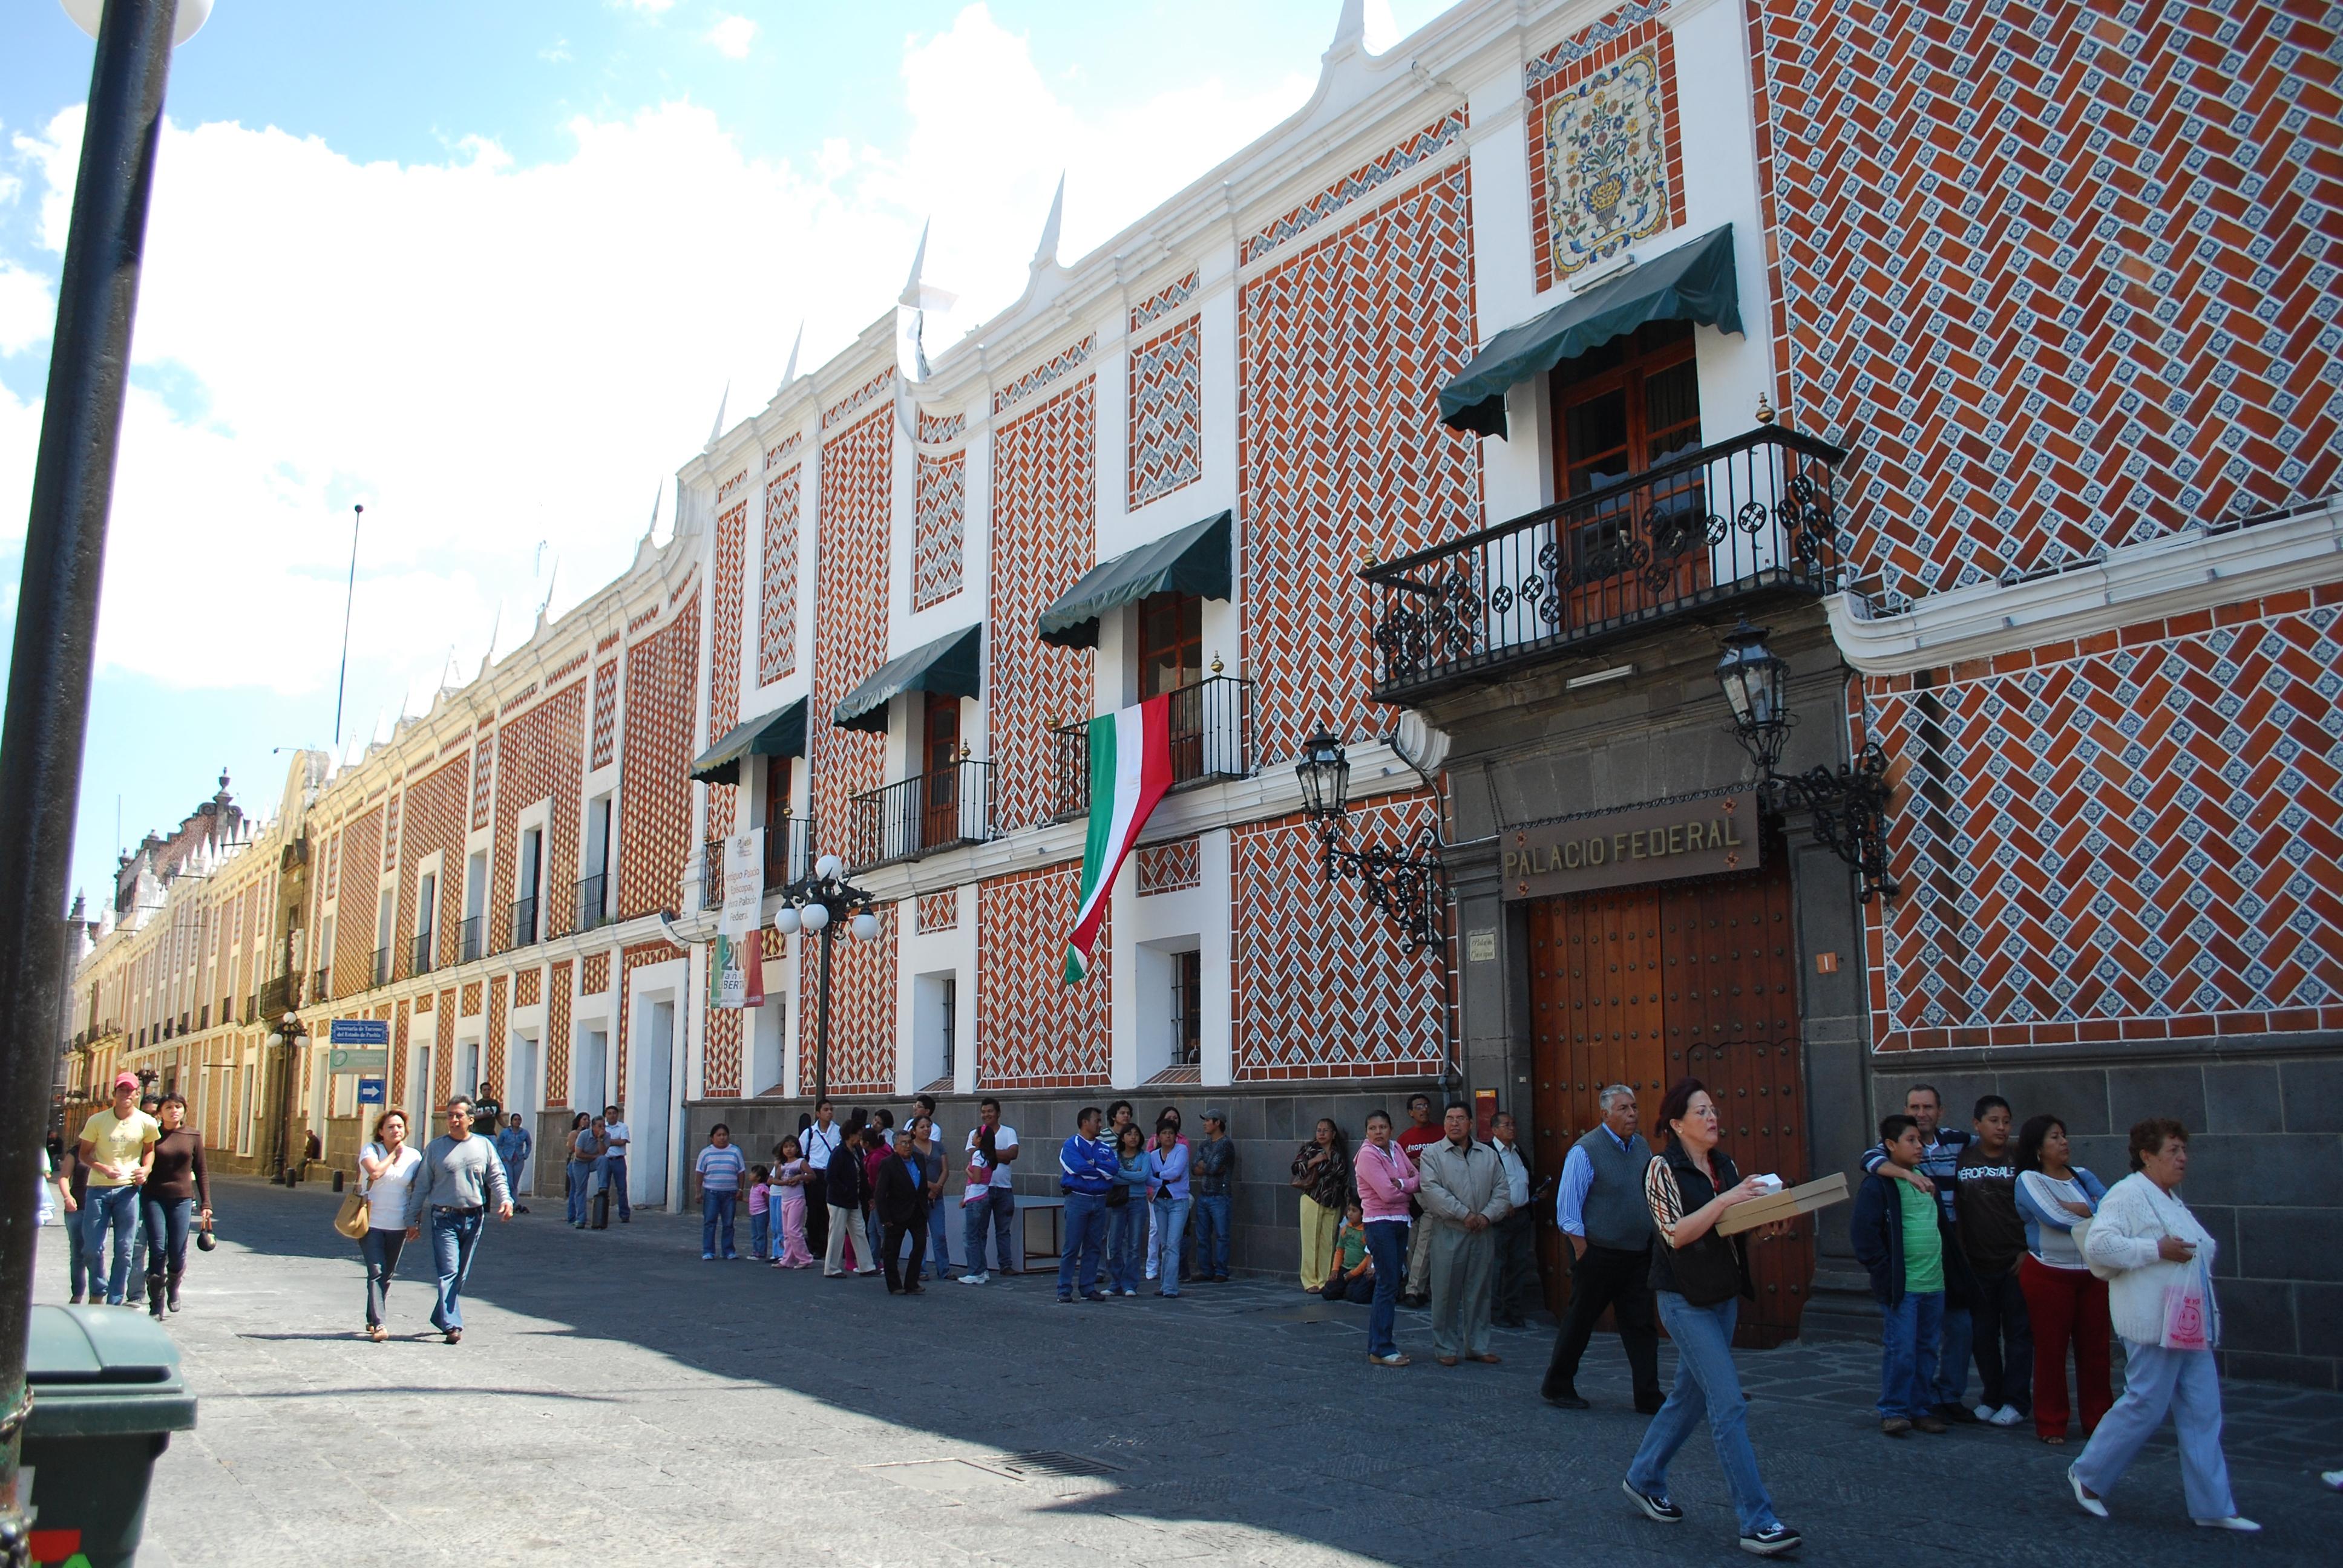 Artesanías Y Arte Popular De Puebla Wikipedia La Enciclopedia Libre